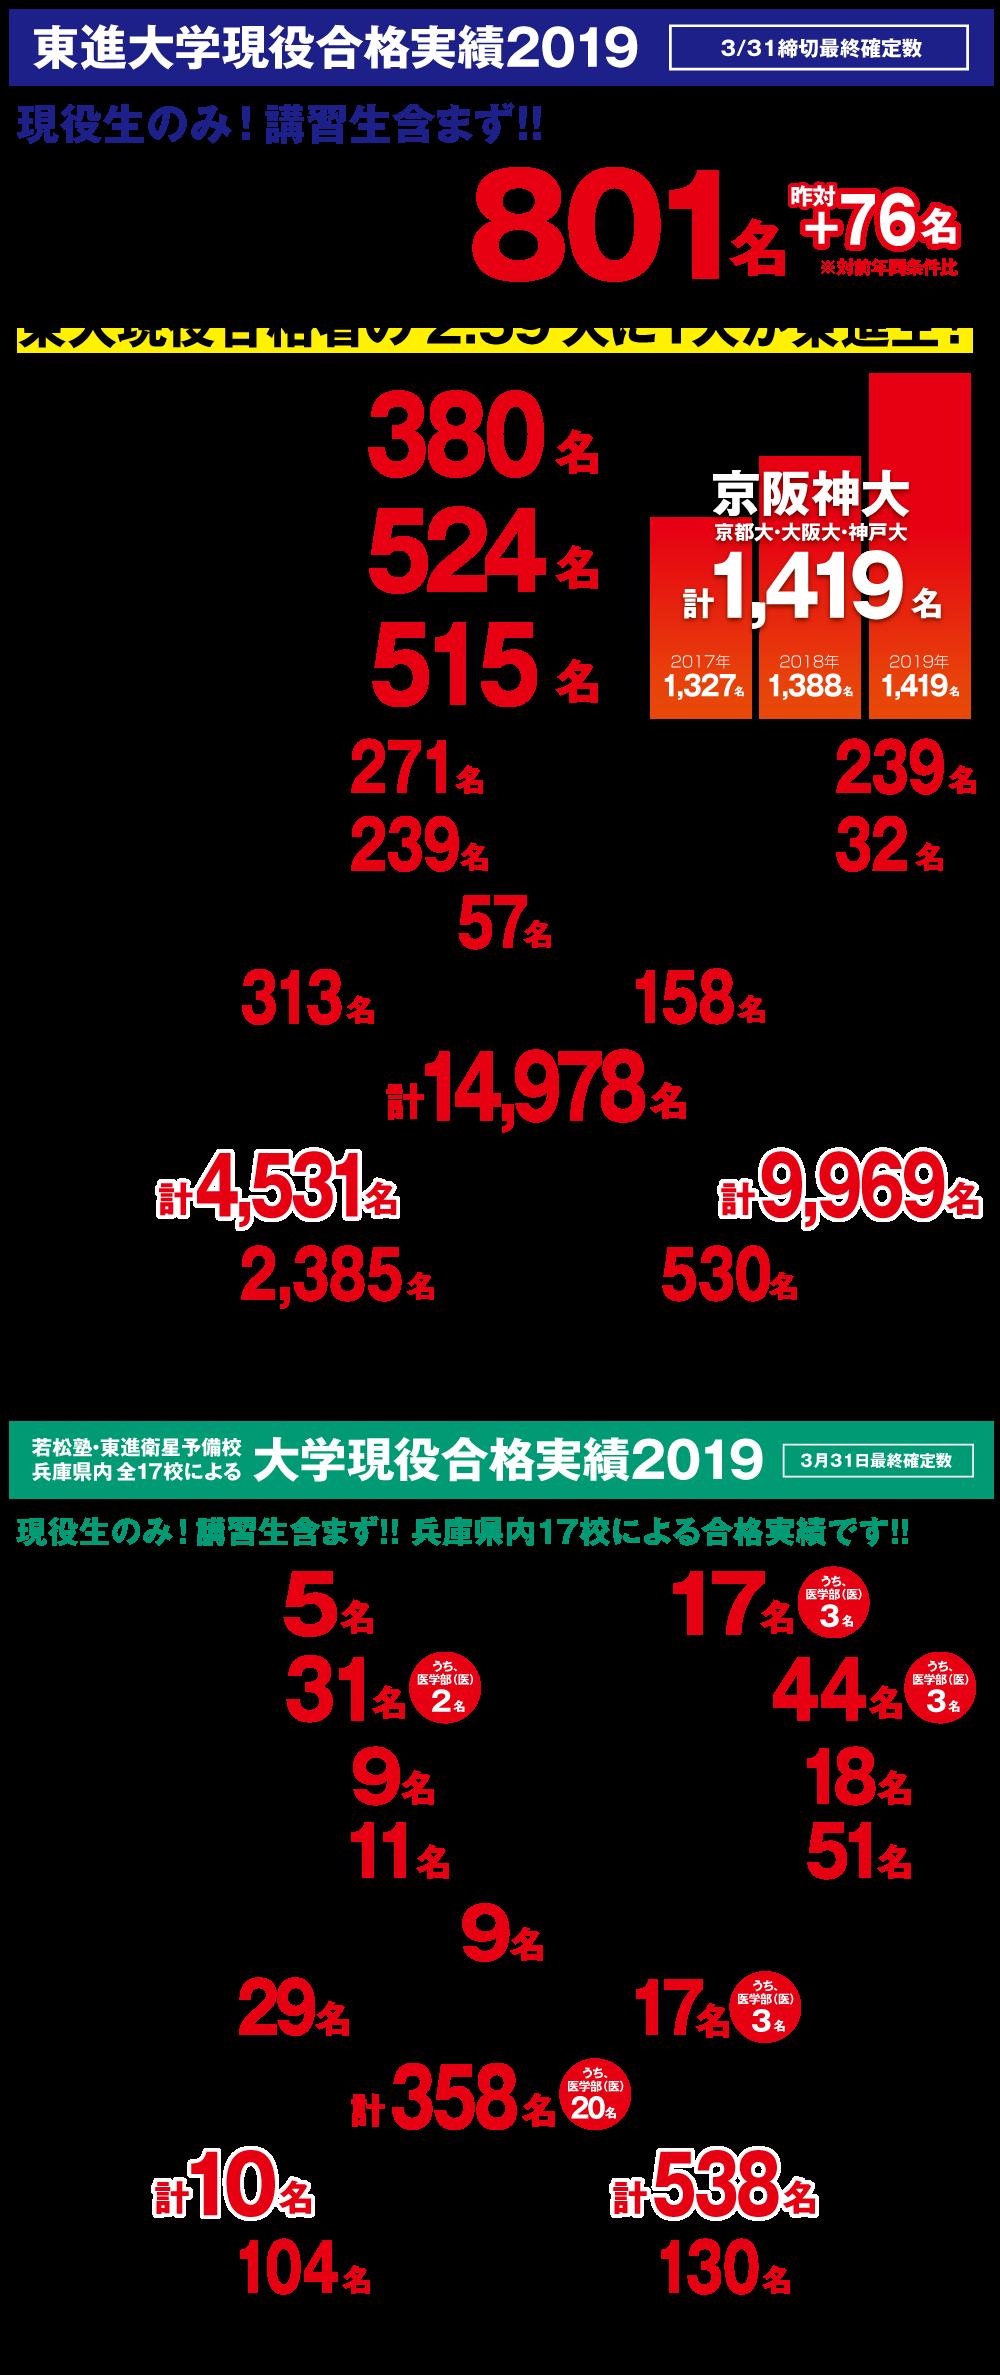 2019年大学合格実績